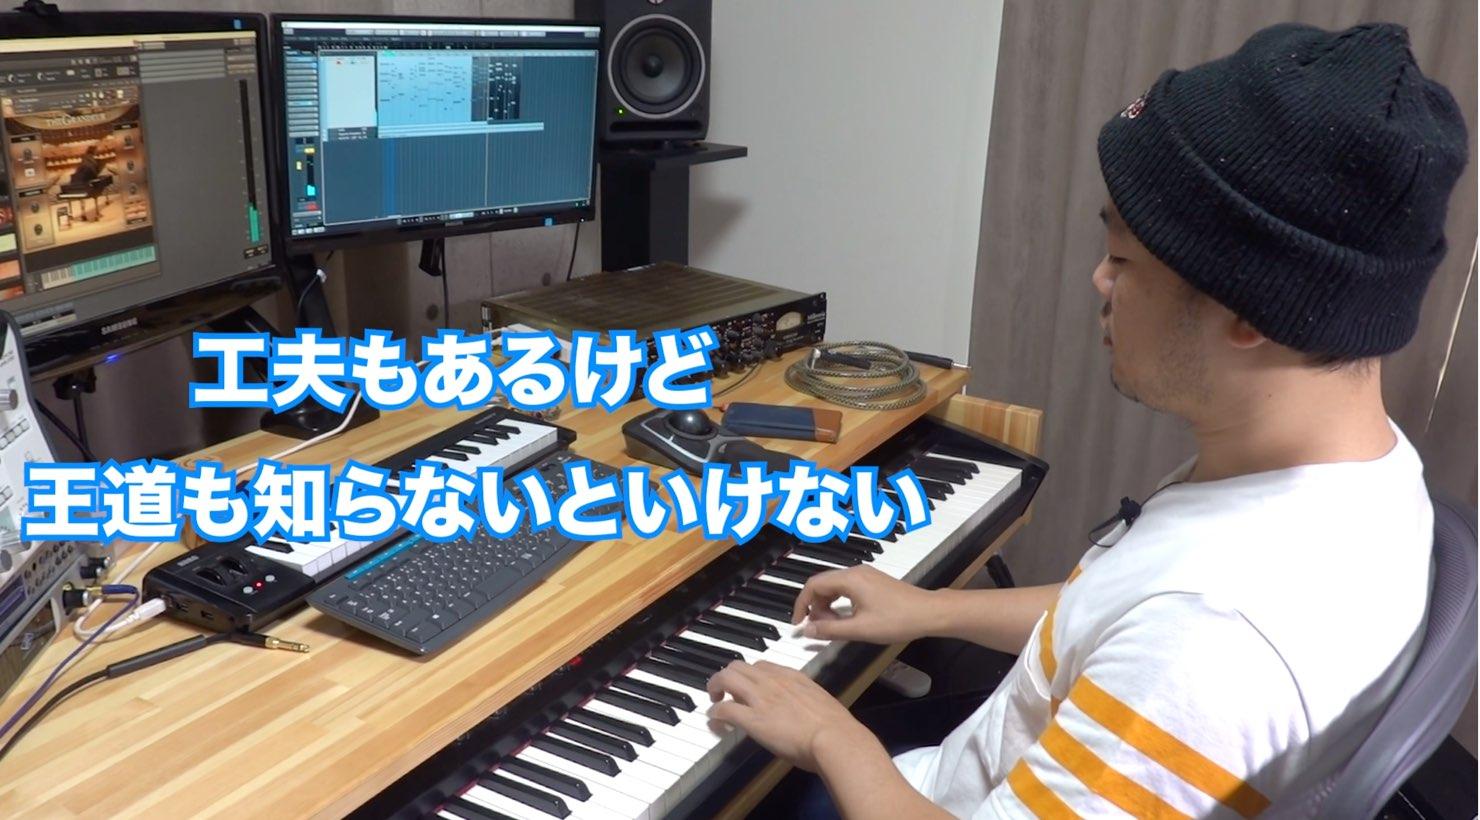 Yusuke-Shirato-Tips-17